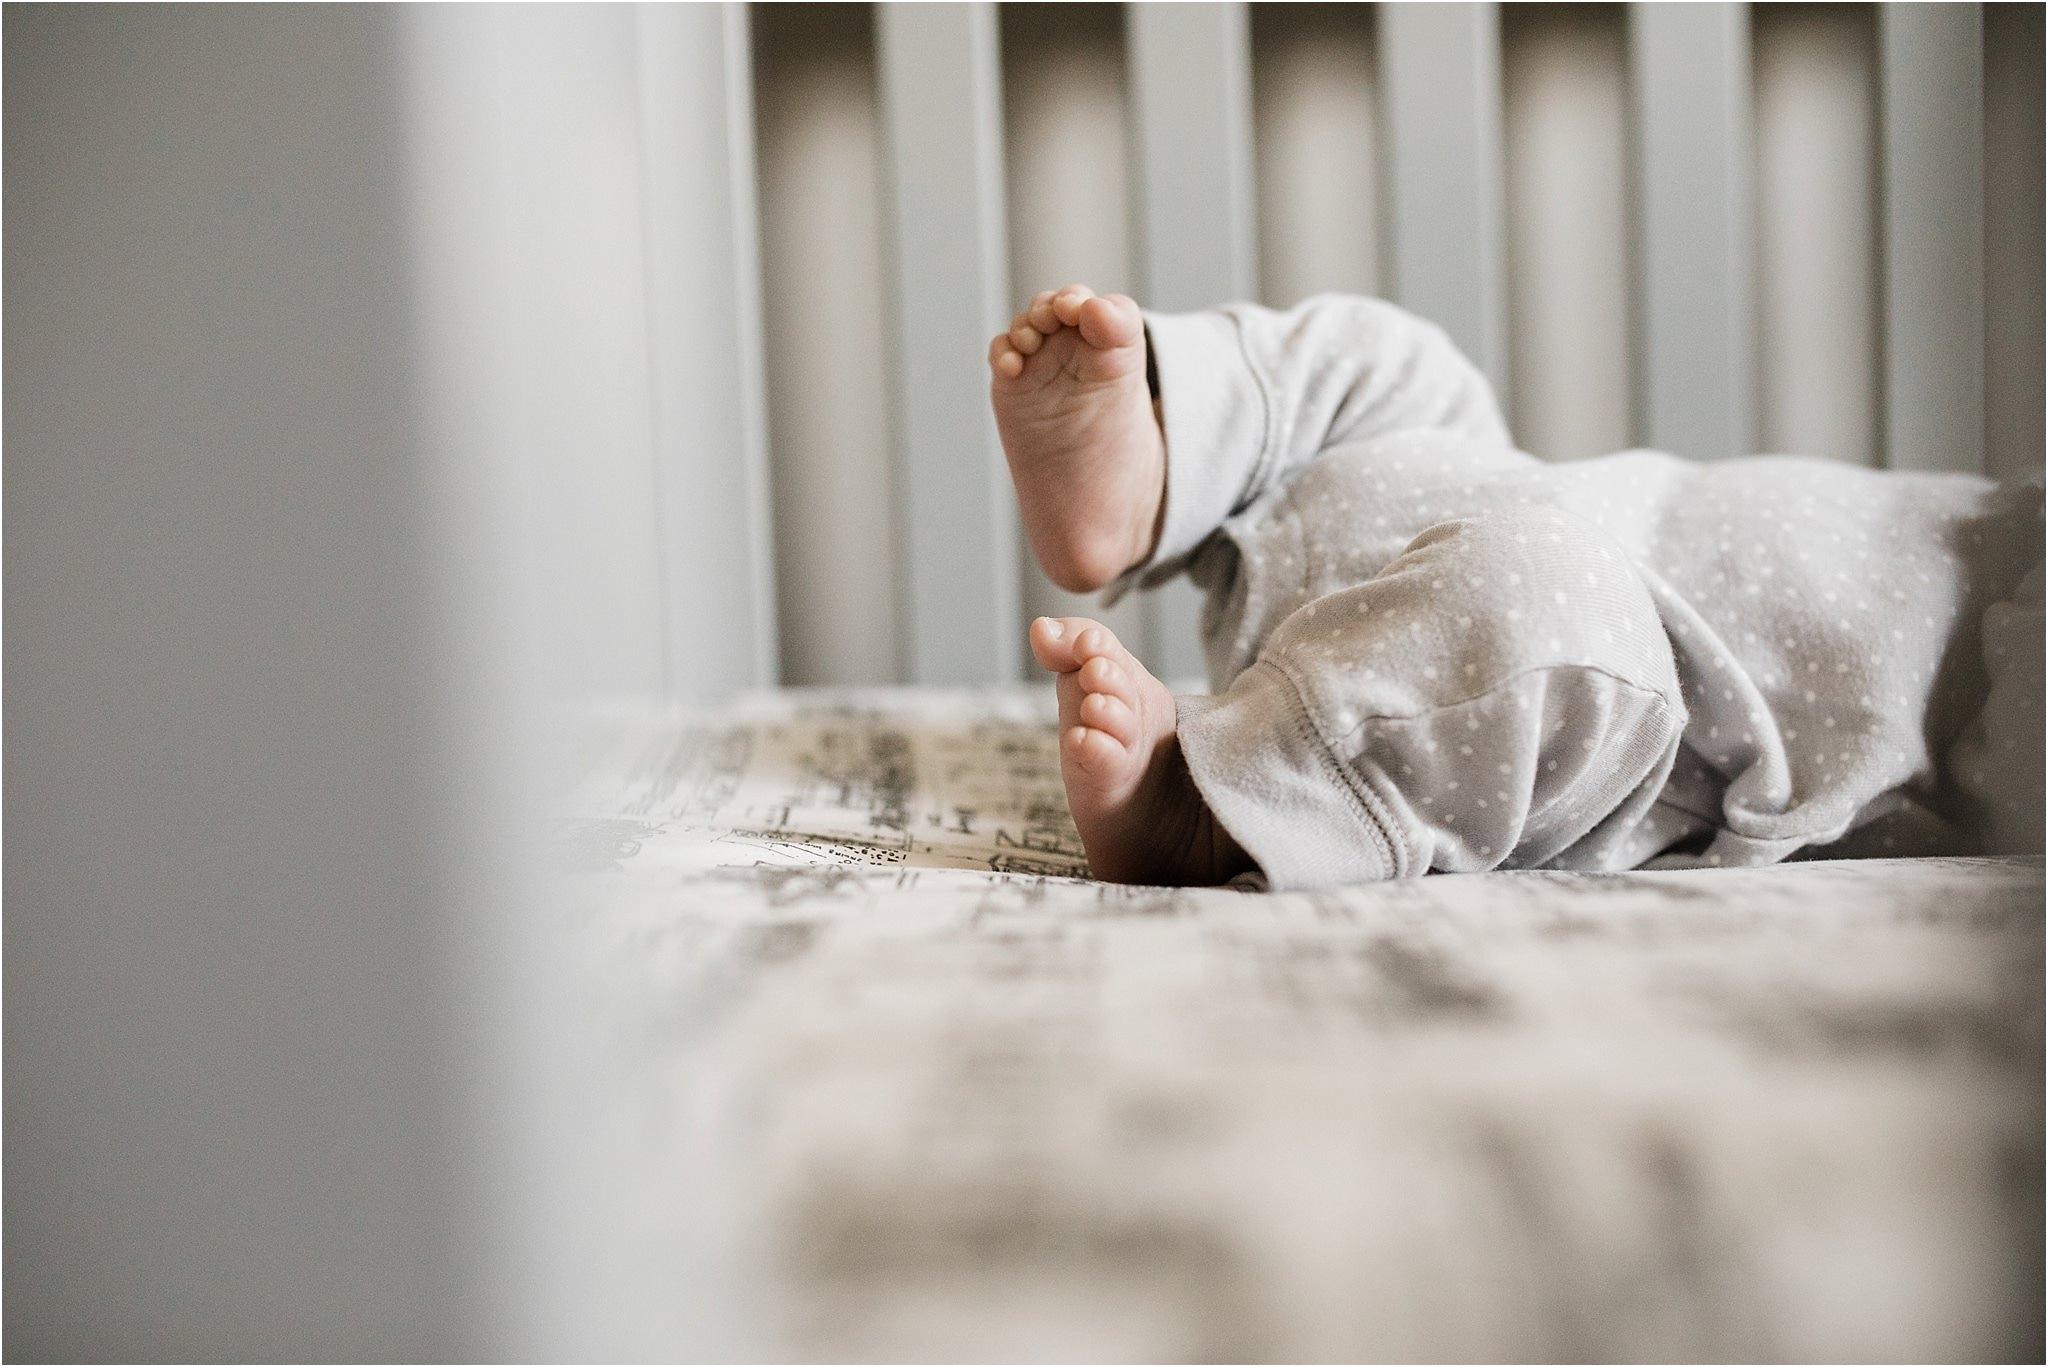 newborn toes peeking through crib